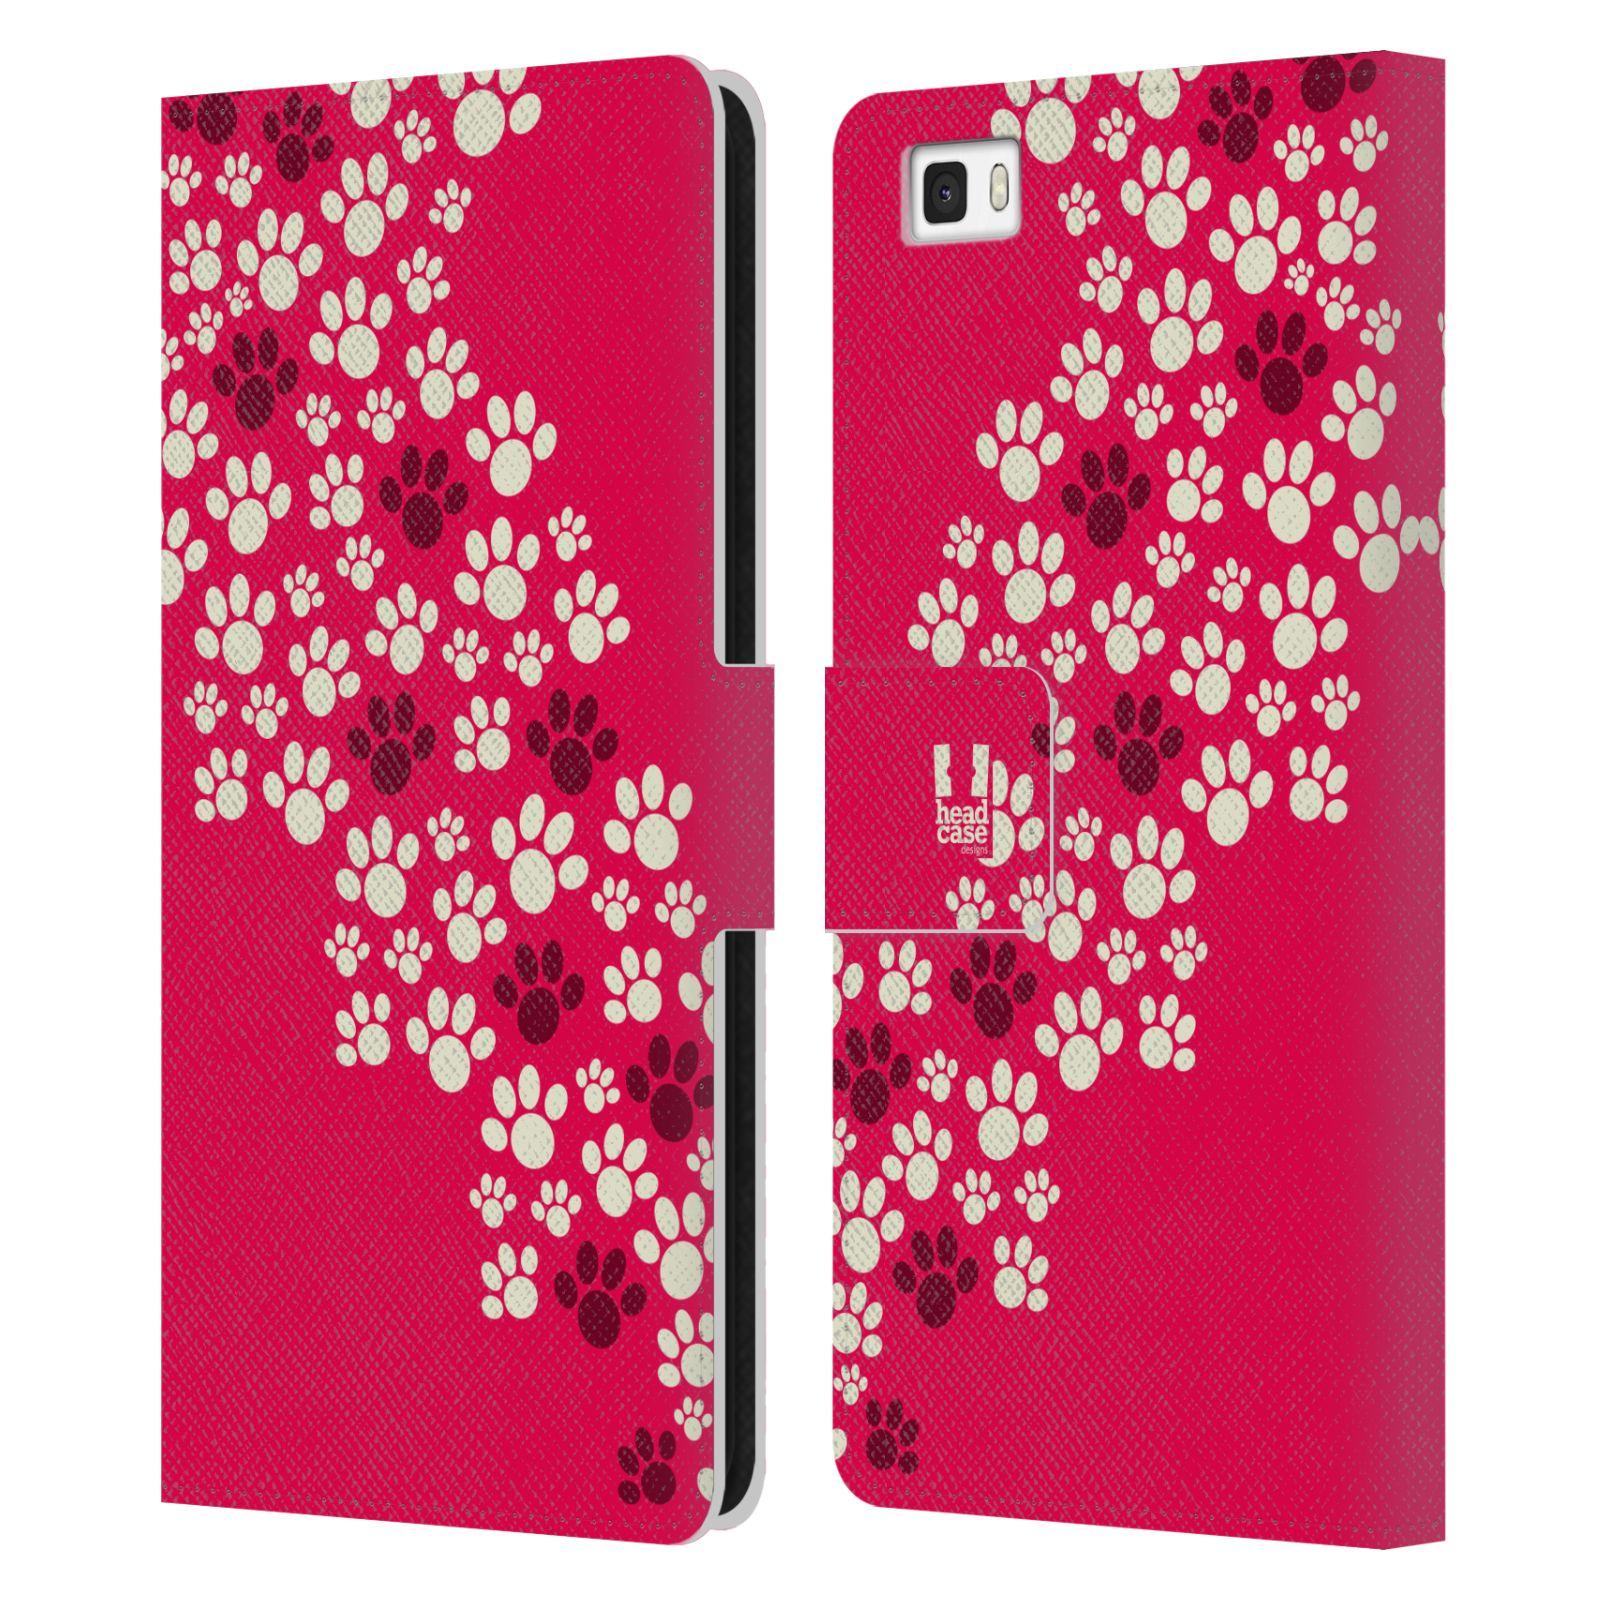 HEAD CASE Flipové pouzdro pro mobil Huawei P8 LITE Pejsek ťapky růžová barva